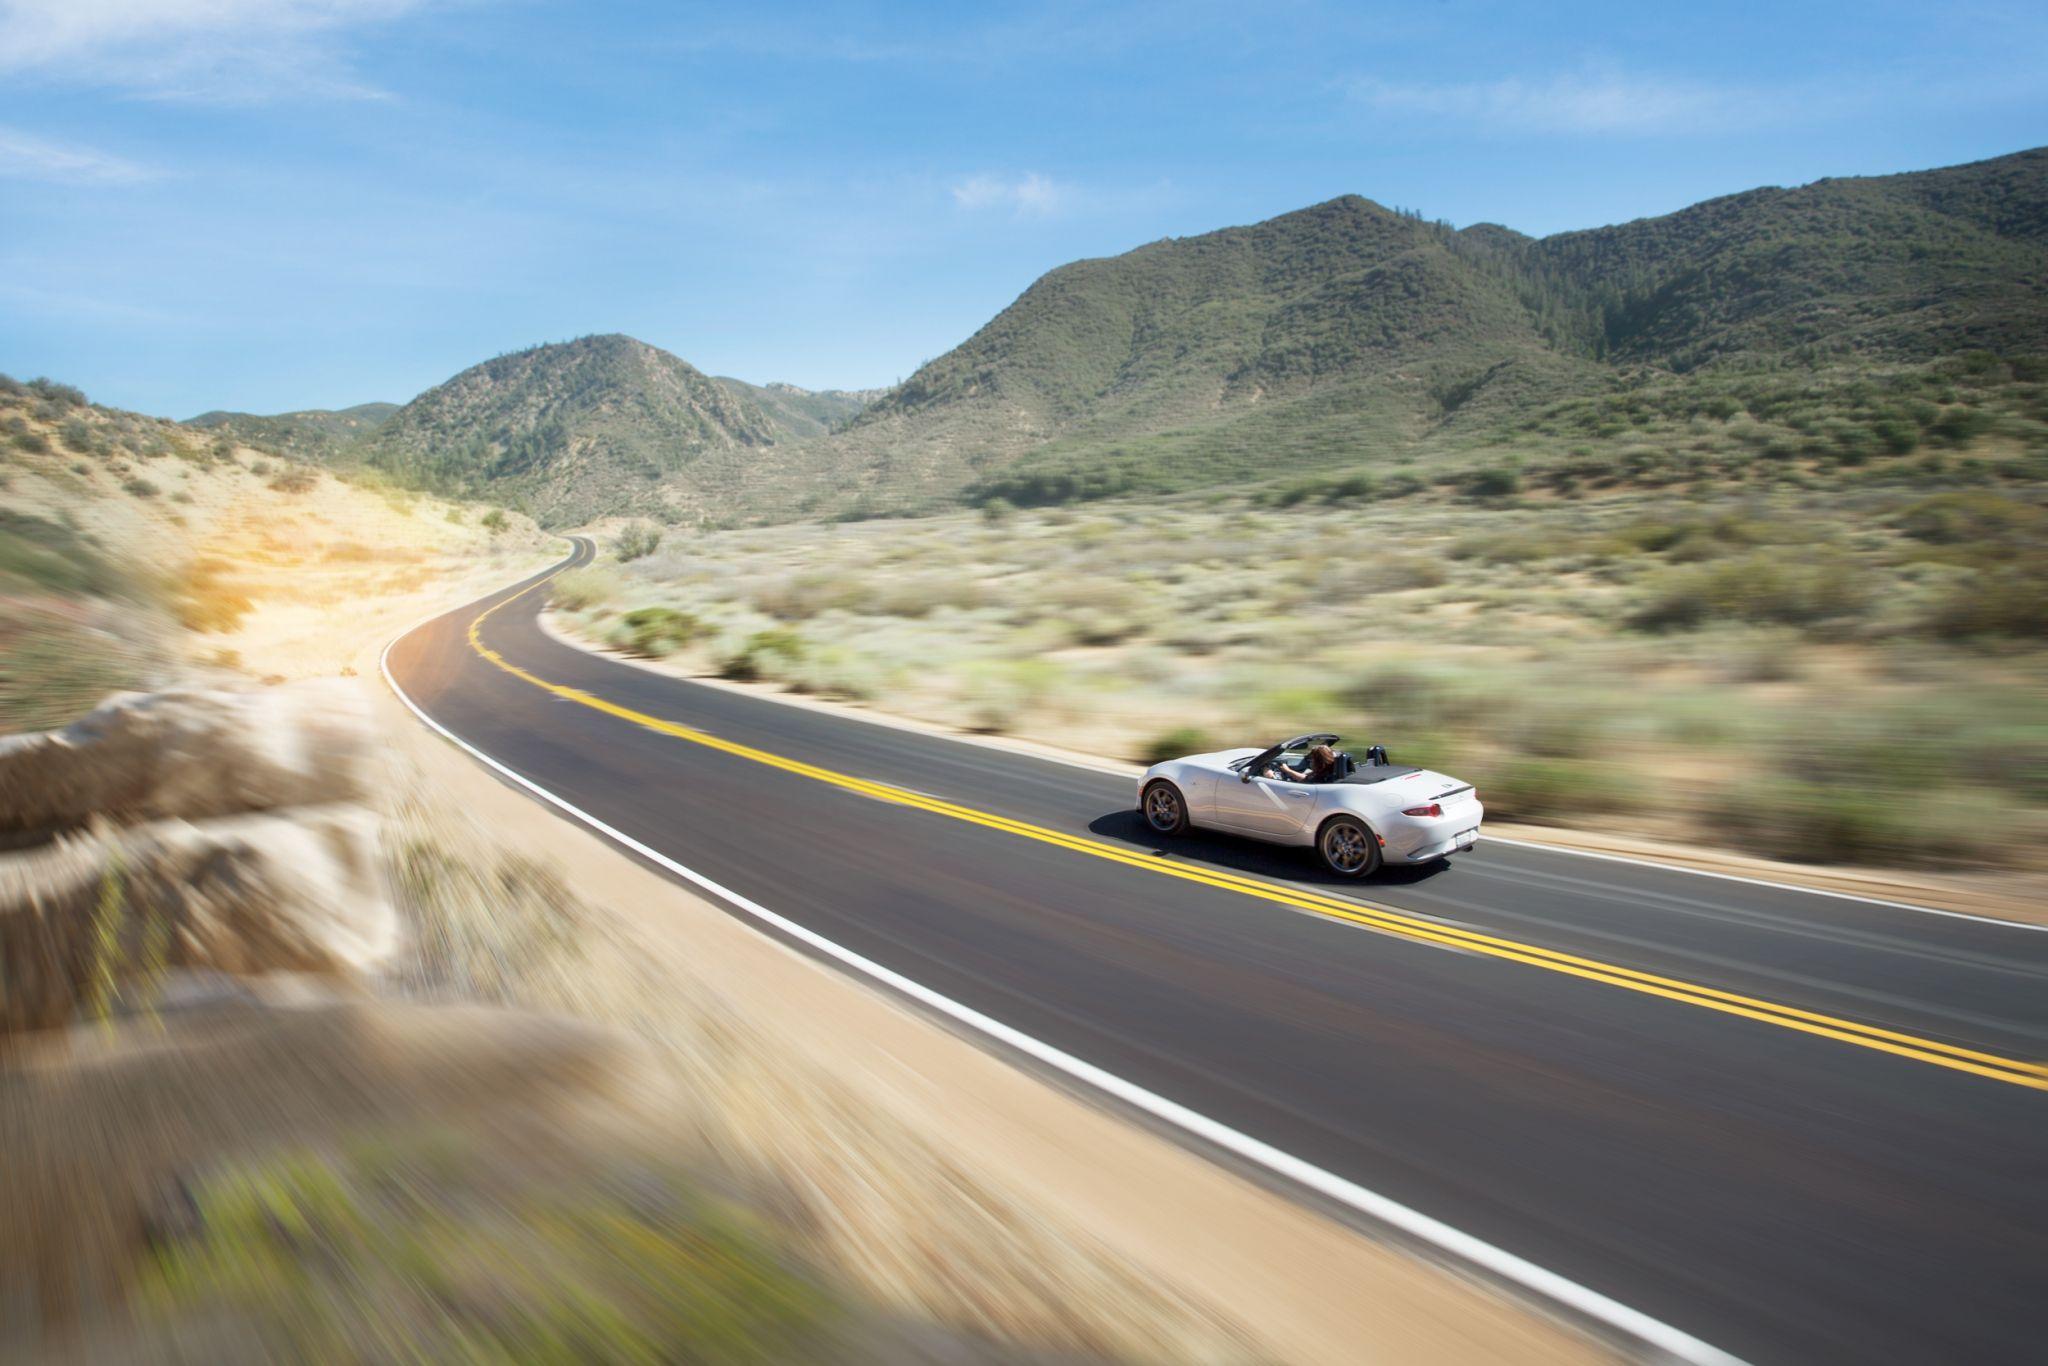 Photographer Peter Dawson's Mazda Miata project